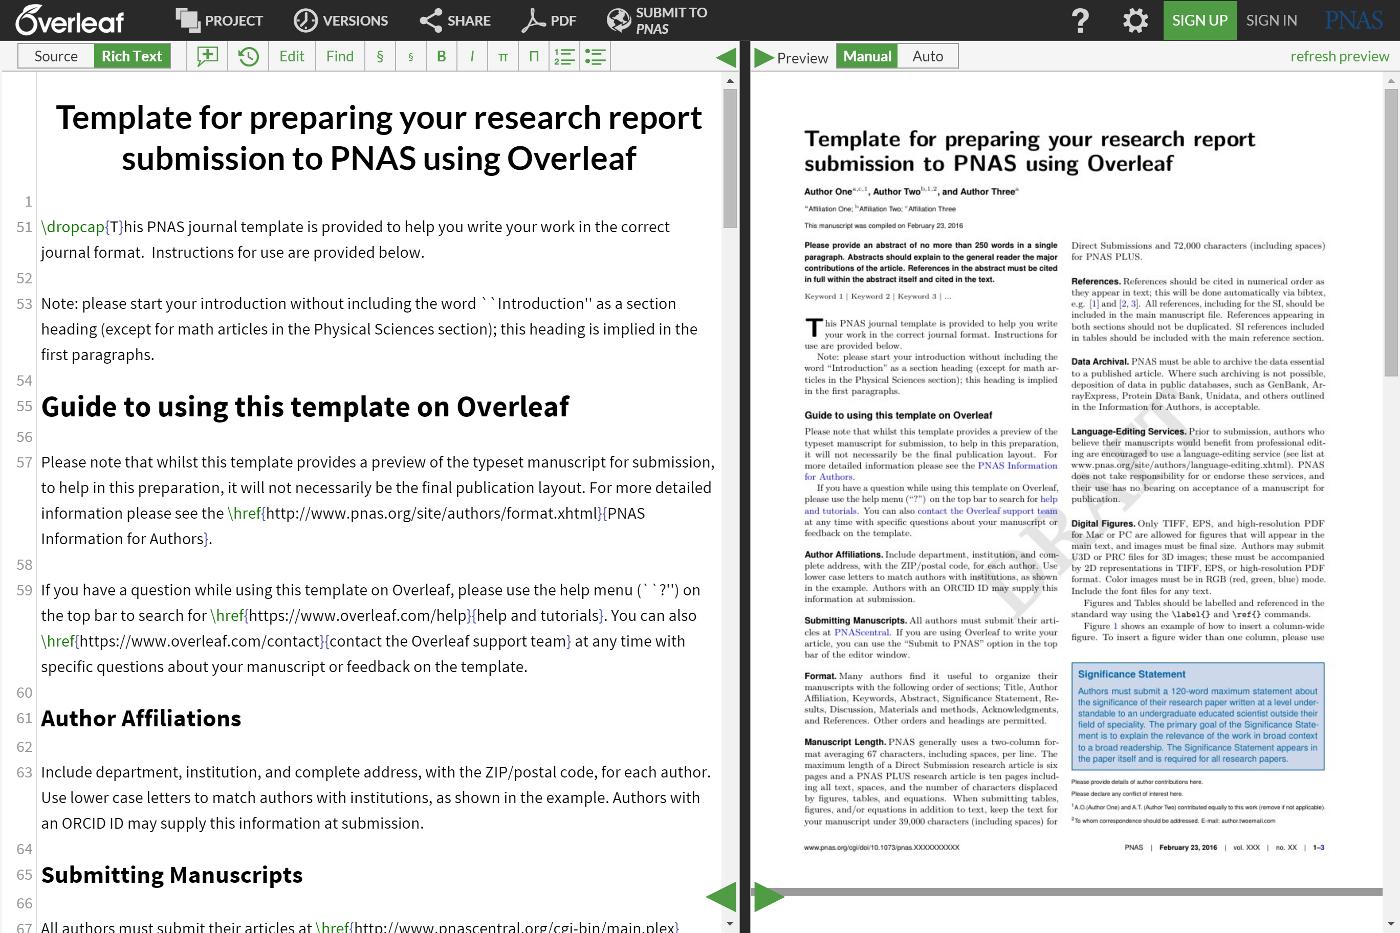 PNAS LaTeX author template on Overleaf